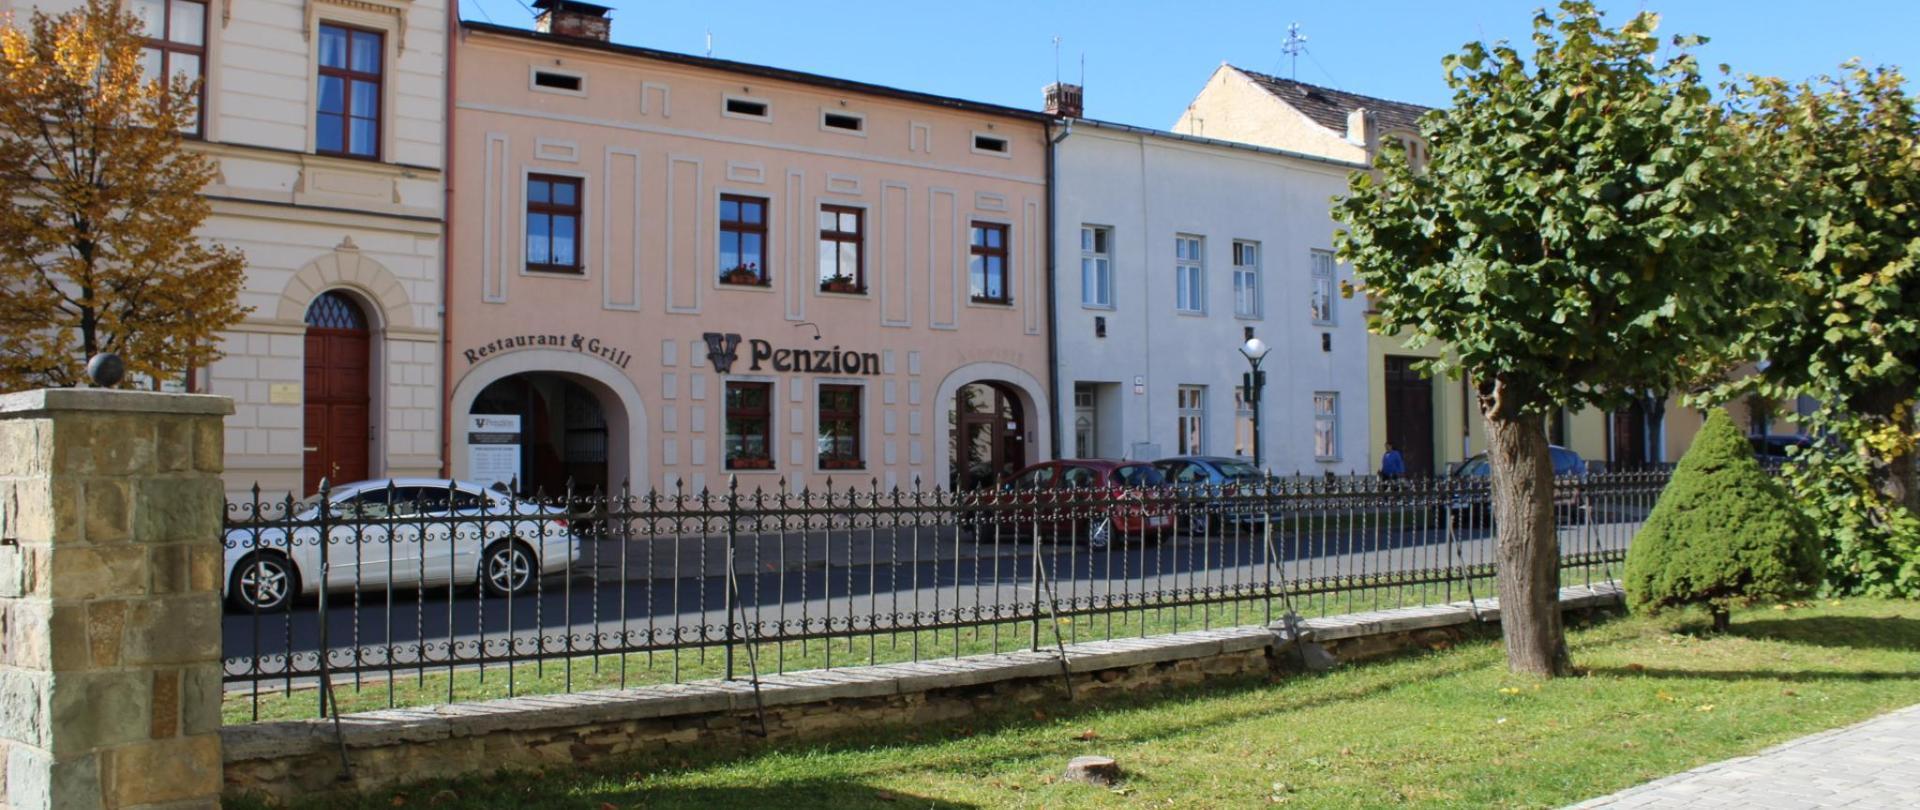 V Penzion, Spiešská Belá, Dovolenkujte na Slovensku